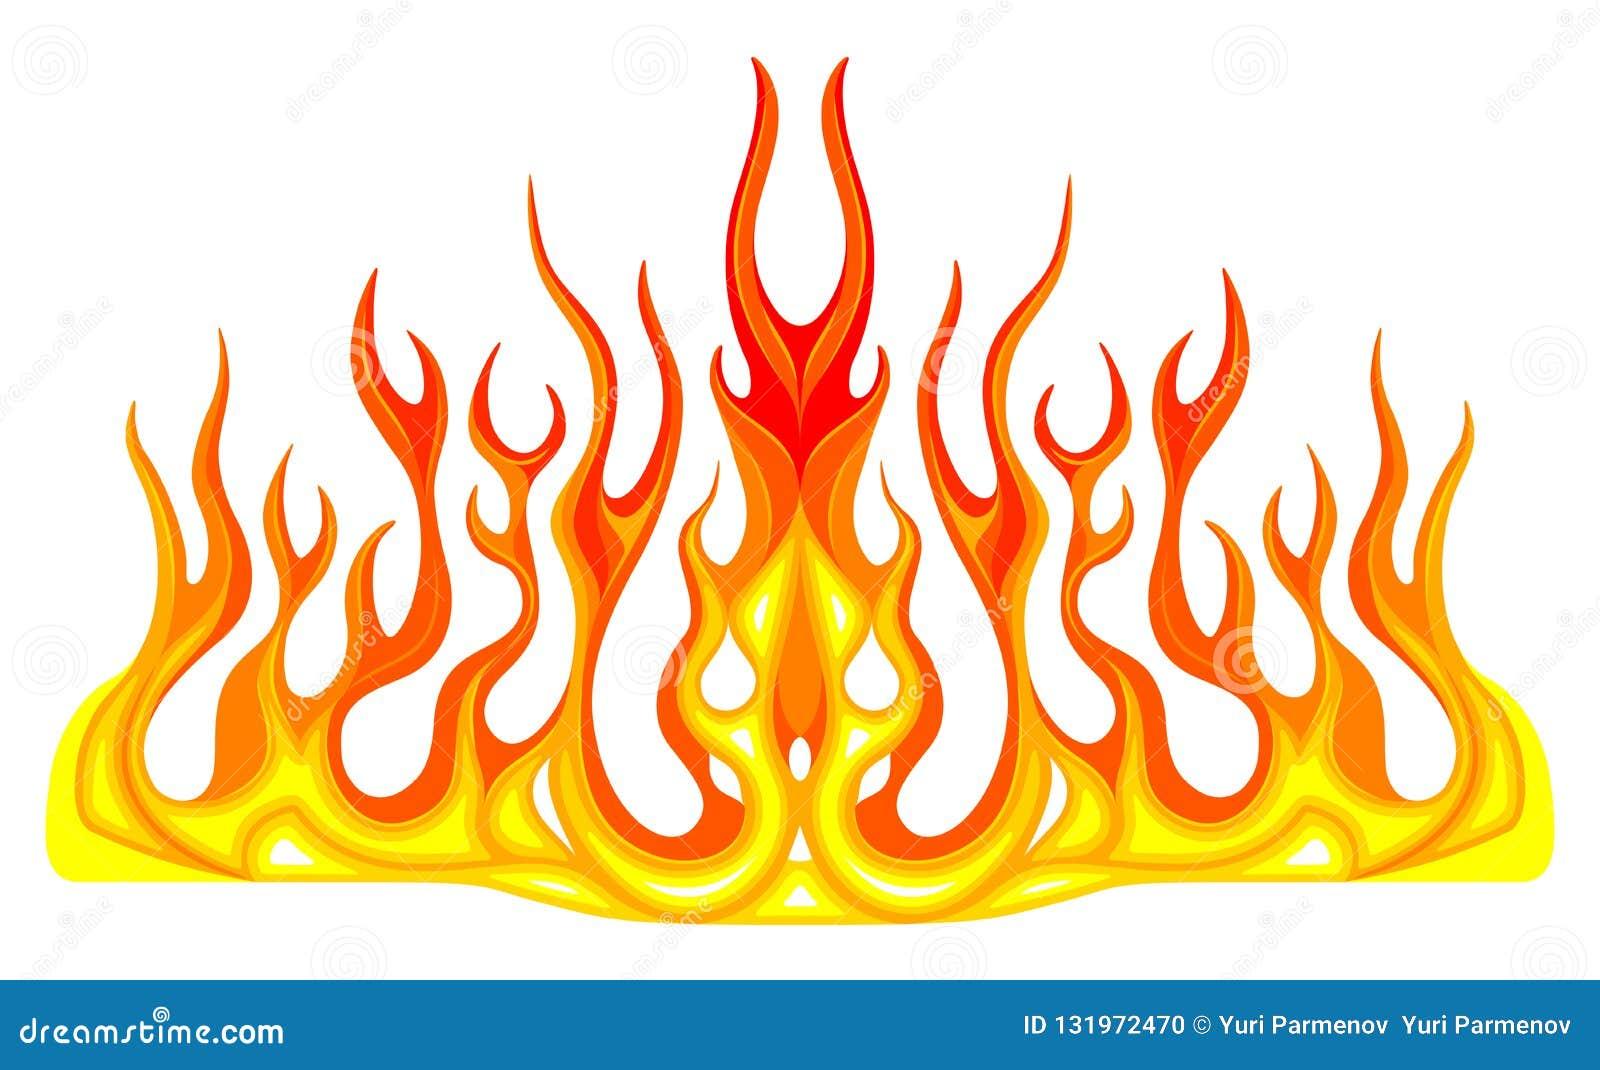 Gráficos del vehículo, raya: Rod Racing Flame caliente, etiqueta del coche de la pintada, vinilo listo en la capilla de un coche